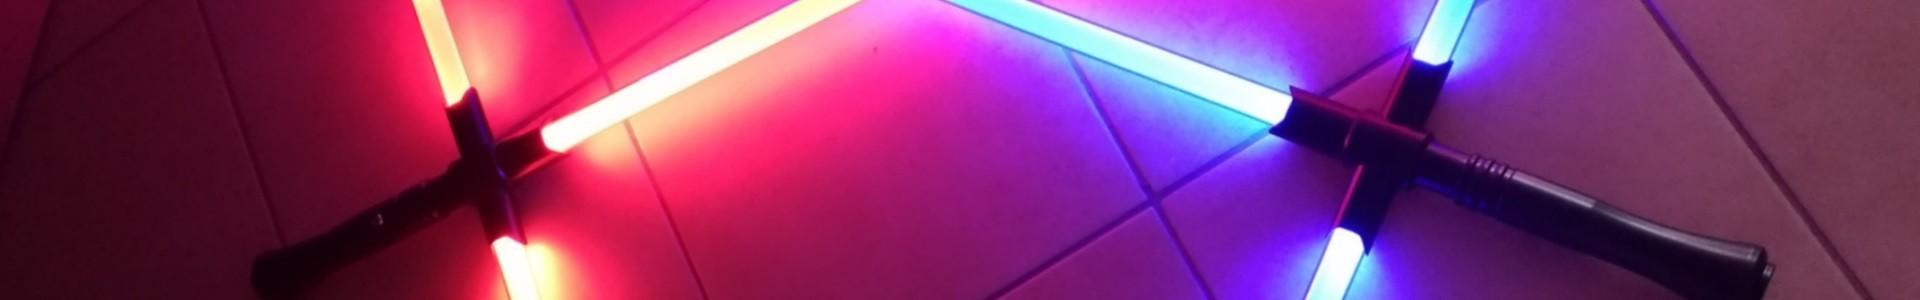 Personalizza la tua Spada laser con guardia. combat crossguard.